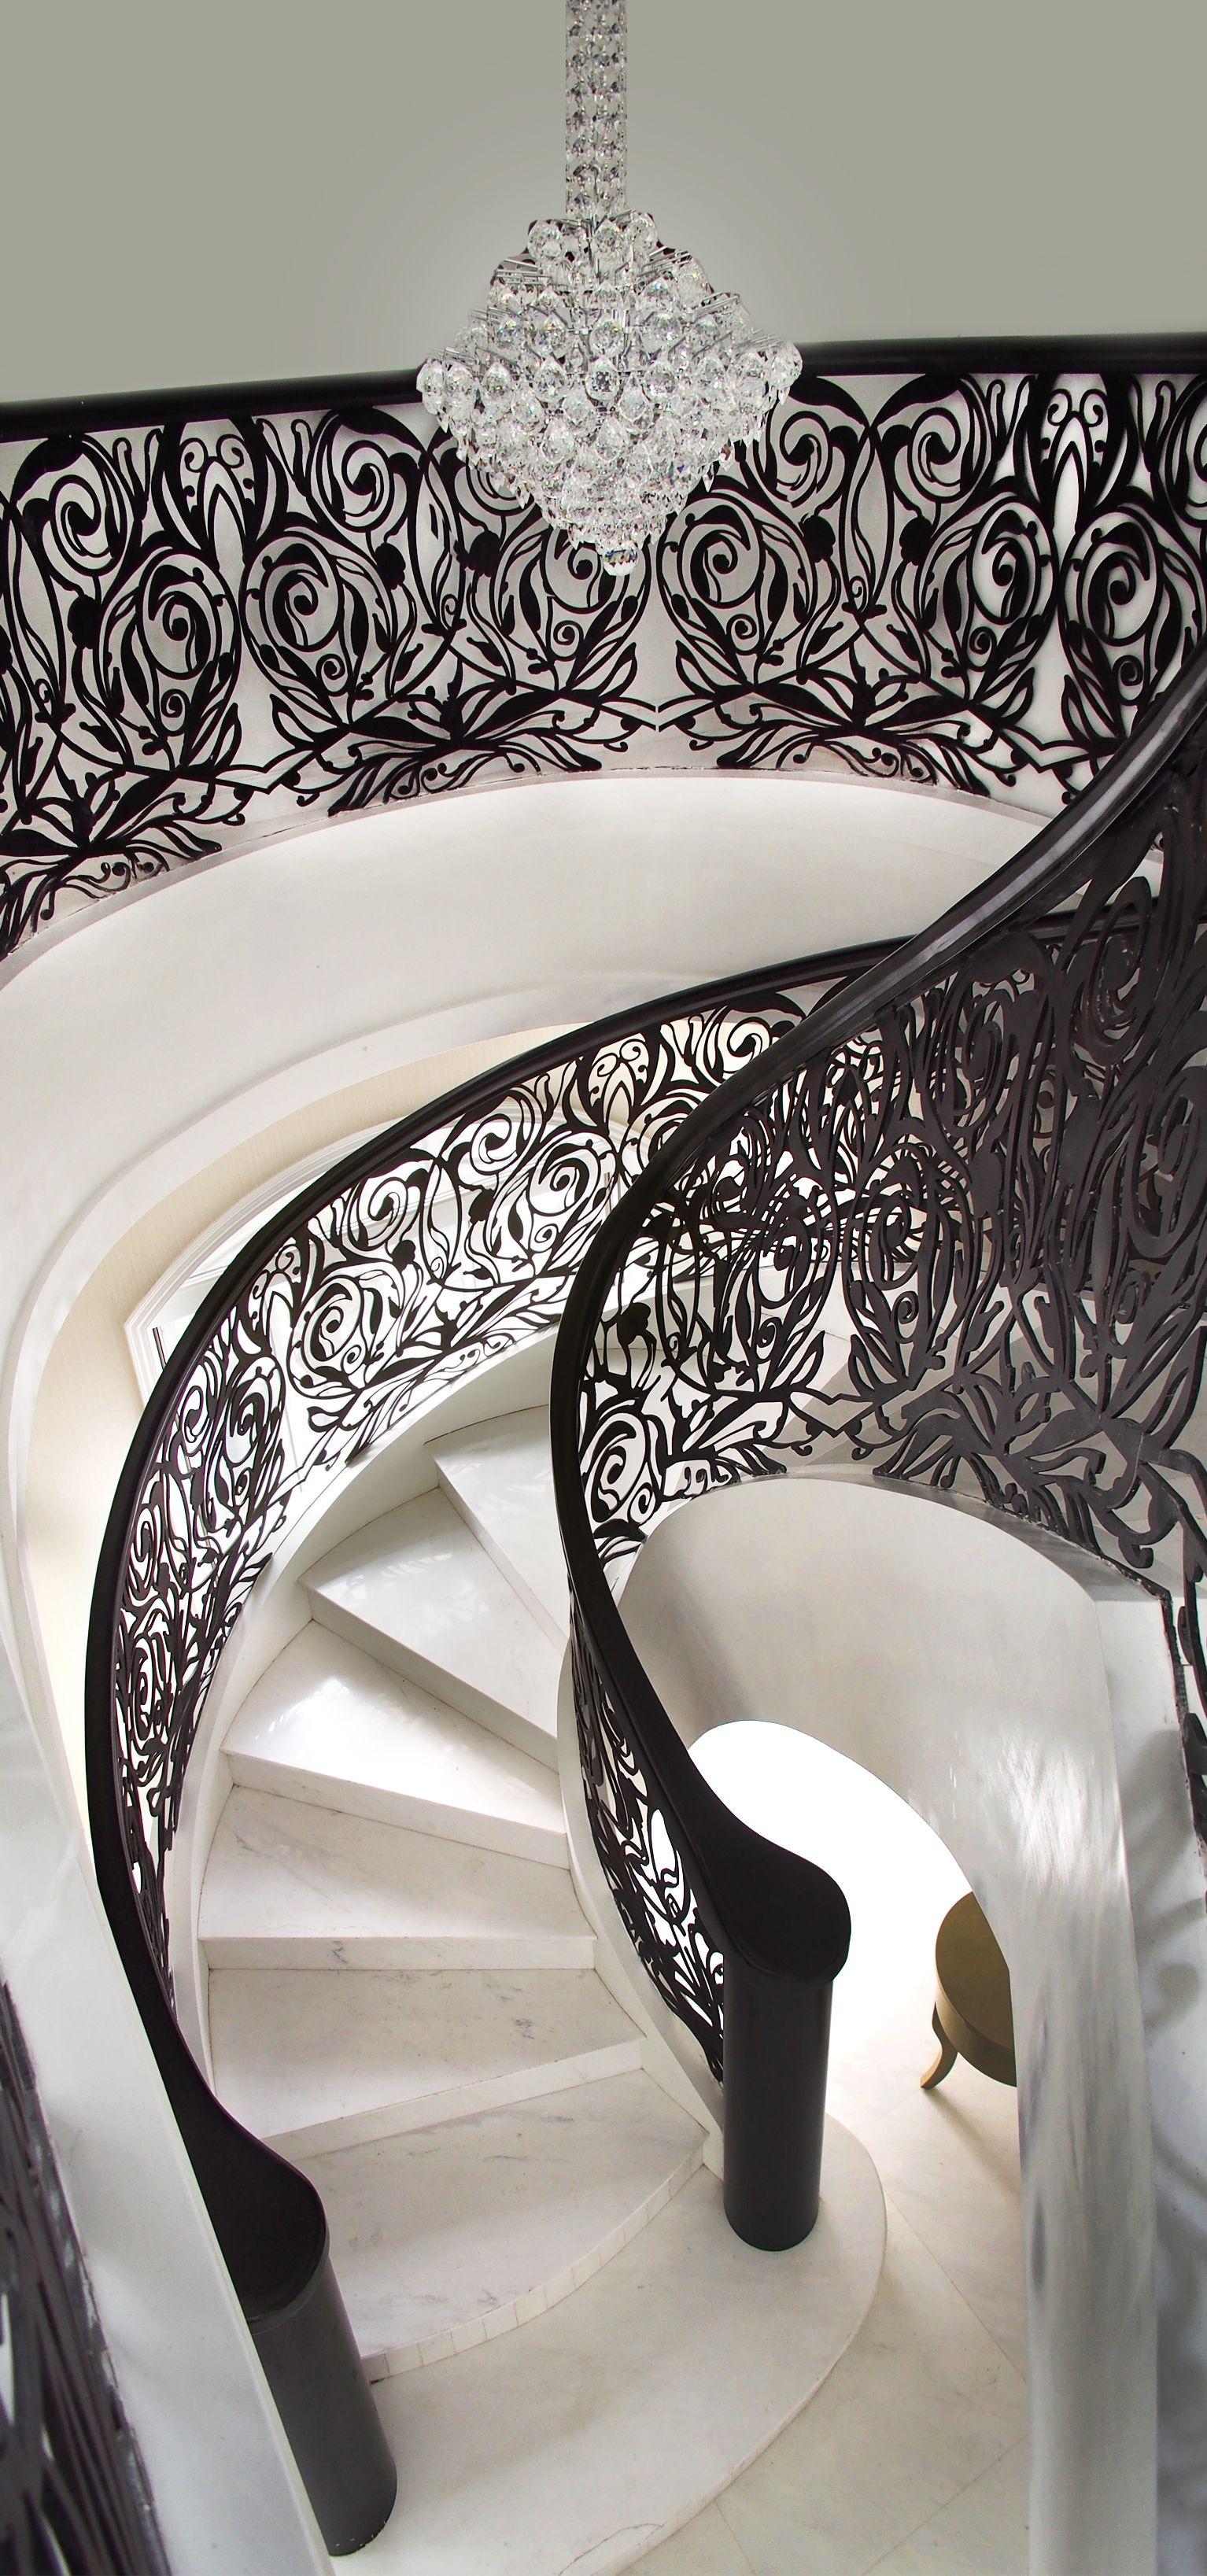 Baranda elemento de protecci n para balcones escaleras - Proteccion para escaleras ...